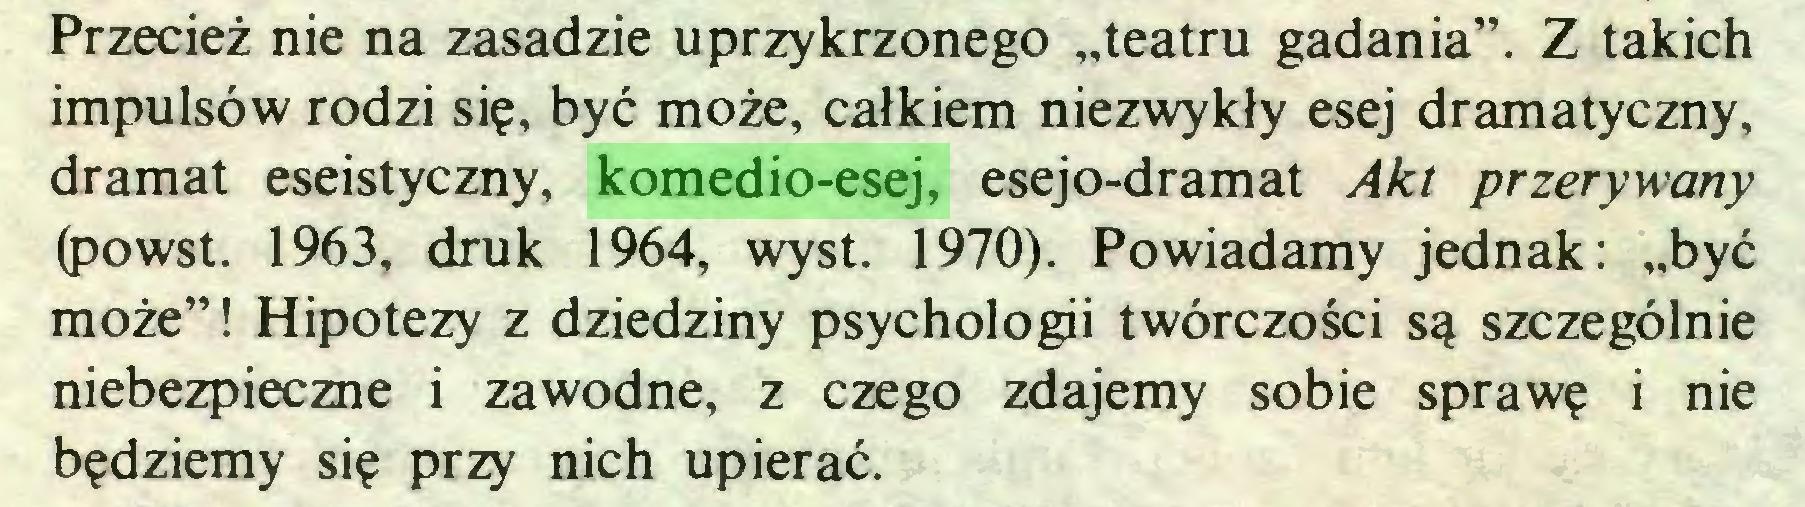 """(...) Przecież nie na zasadzie uprzykrzonego """"teatru gadania"""". Z takich impulsów rodzi się, być może, całkiem niezwykły esej dramatyczny, dramat eseistyczny, komedio-esej, esejo-dramat Akt przerywany (powst. 1963, druk 1964, wyst. 1970). Powiadamy jednak: """"być może""""! Hipotezy z dziedziny psychologii twórczości są szczególnie niebezpieczne i zawodne, z czego zdajemy sobie sprawę i nie będziemy się przy nich upierać..."""